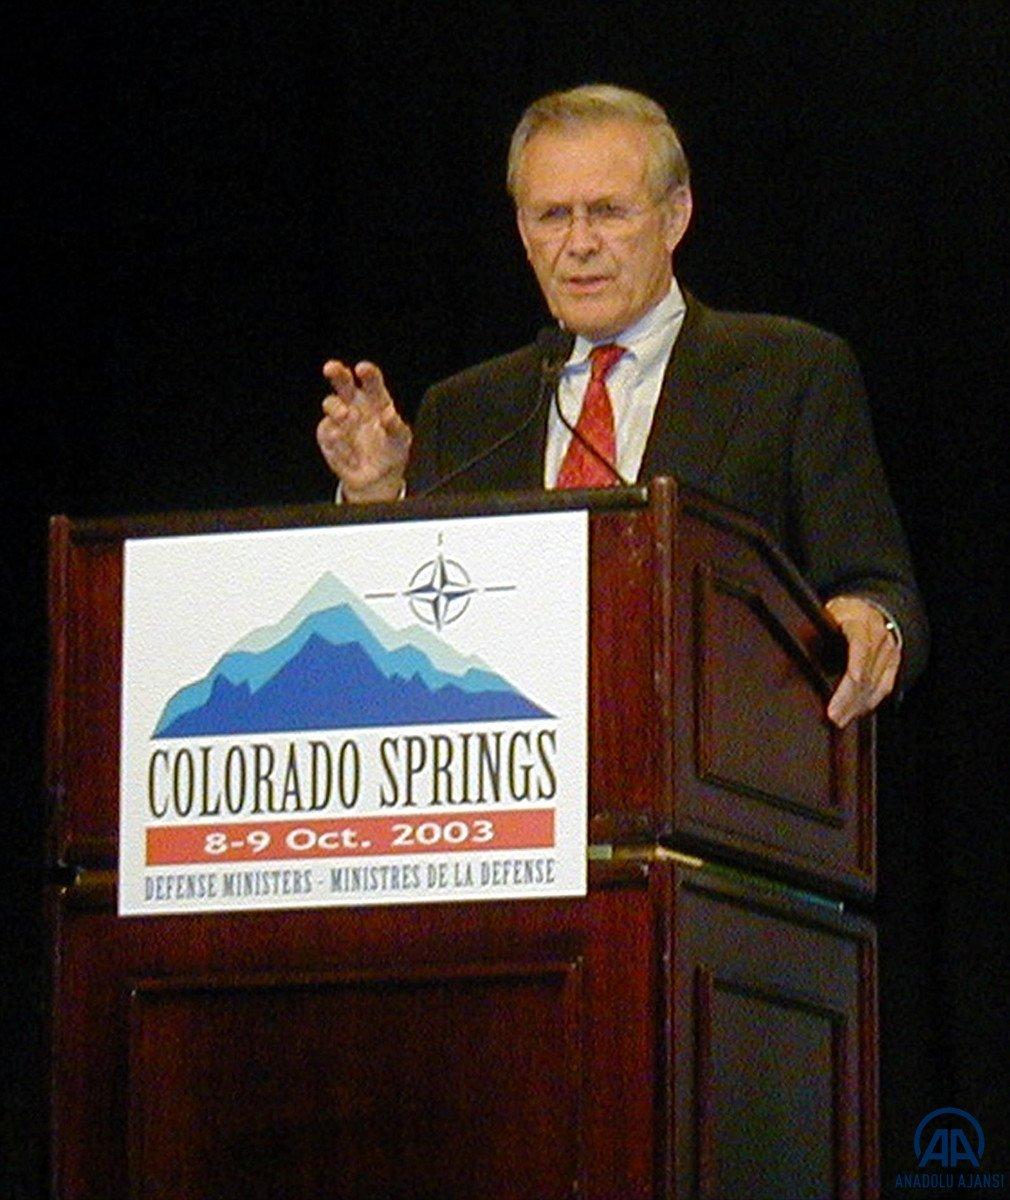 ABD nin eski Savunma Bakanı Donald Rumsfeld öldü #5